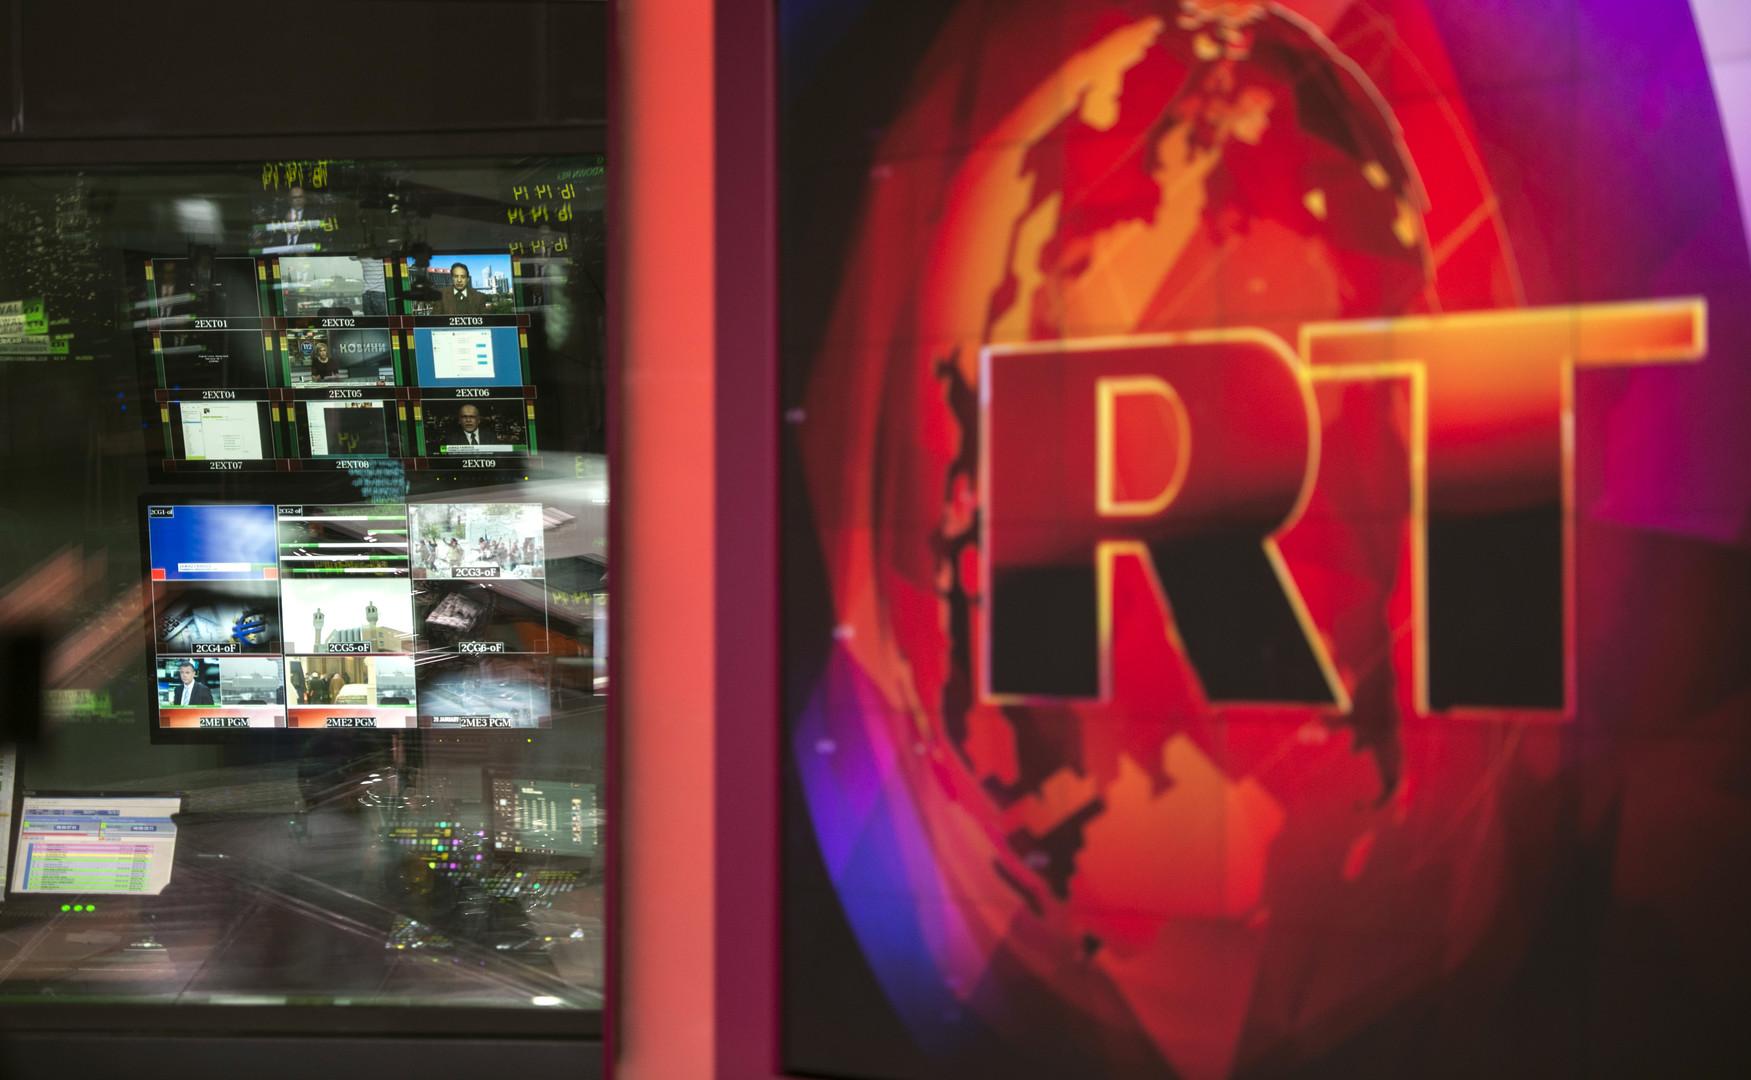 Тот, кто приносит дурные вести: Порошенко рассказал CNN о роли RT в современном мире